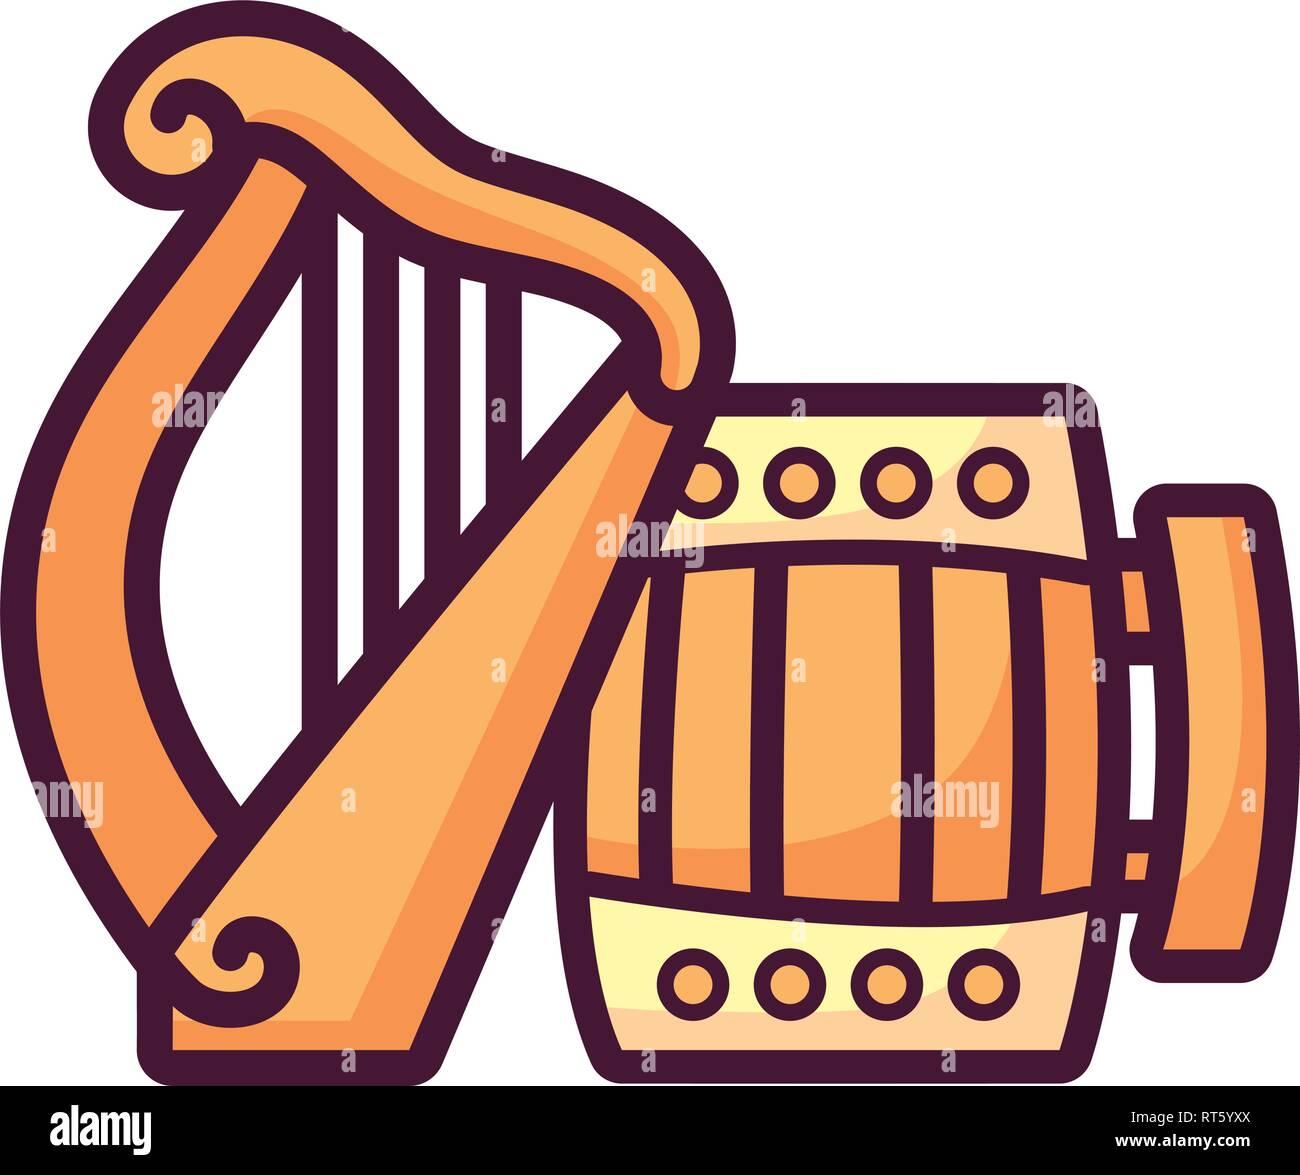 Harp clipart unique, Harp unique Transparent FREE for download on  WebStockReview 2020